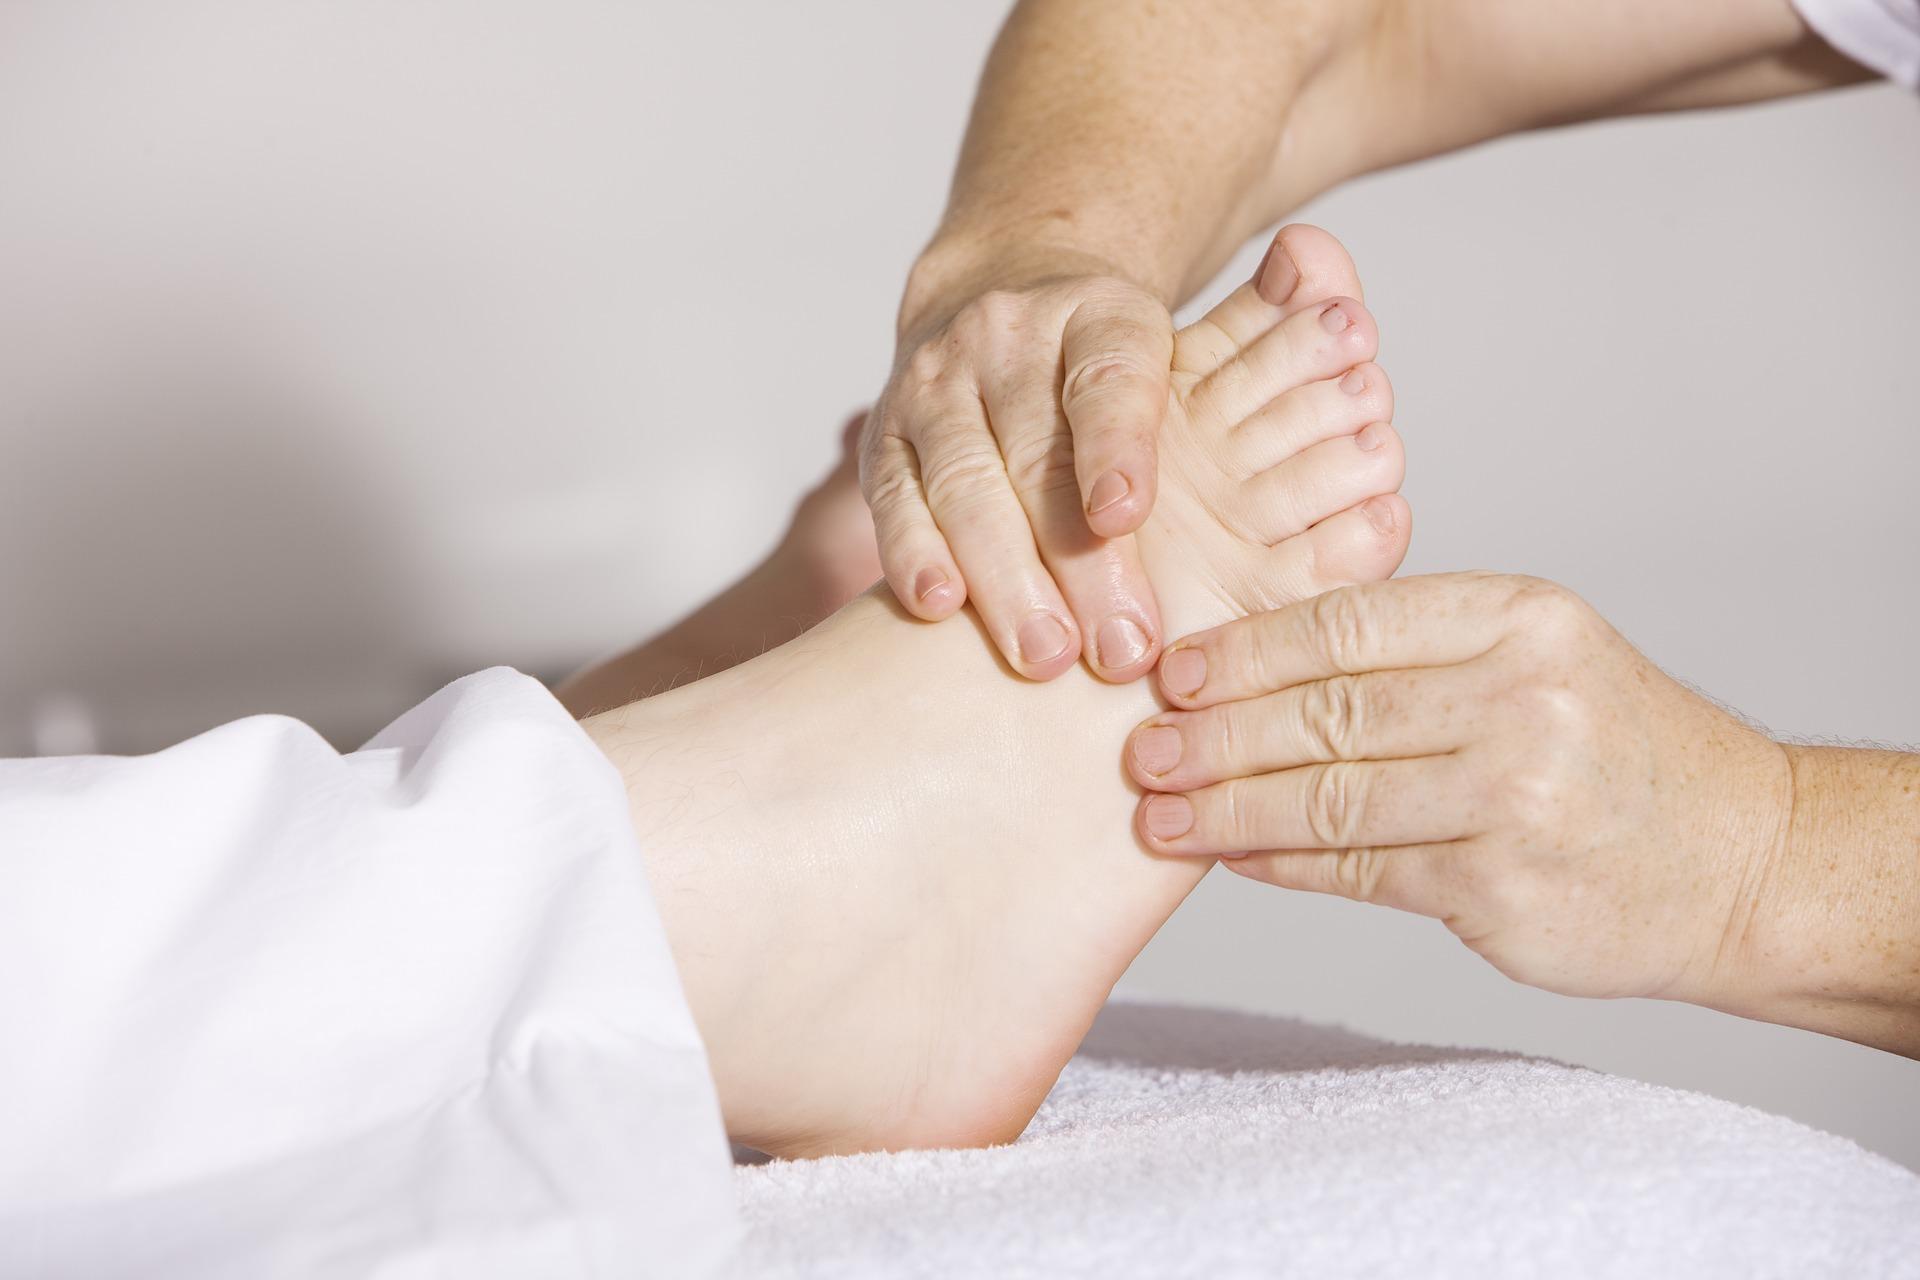 Bolest palce u nohy | Názor z diskuze | byroncaspergolf.com | č.